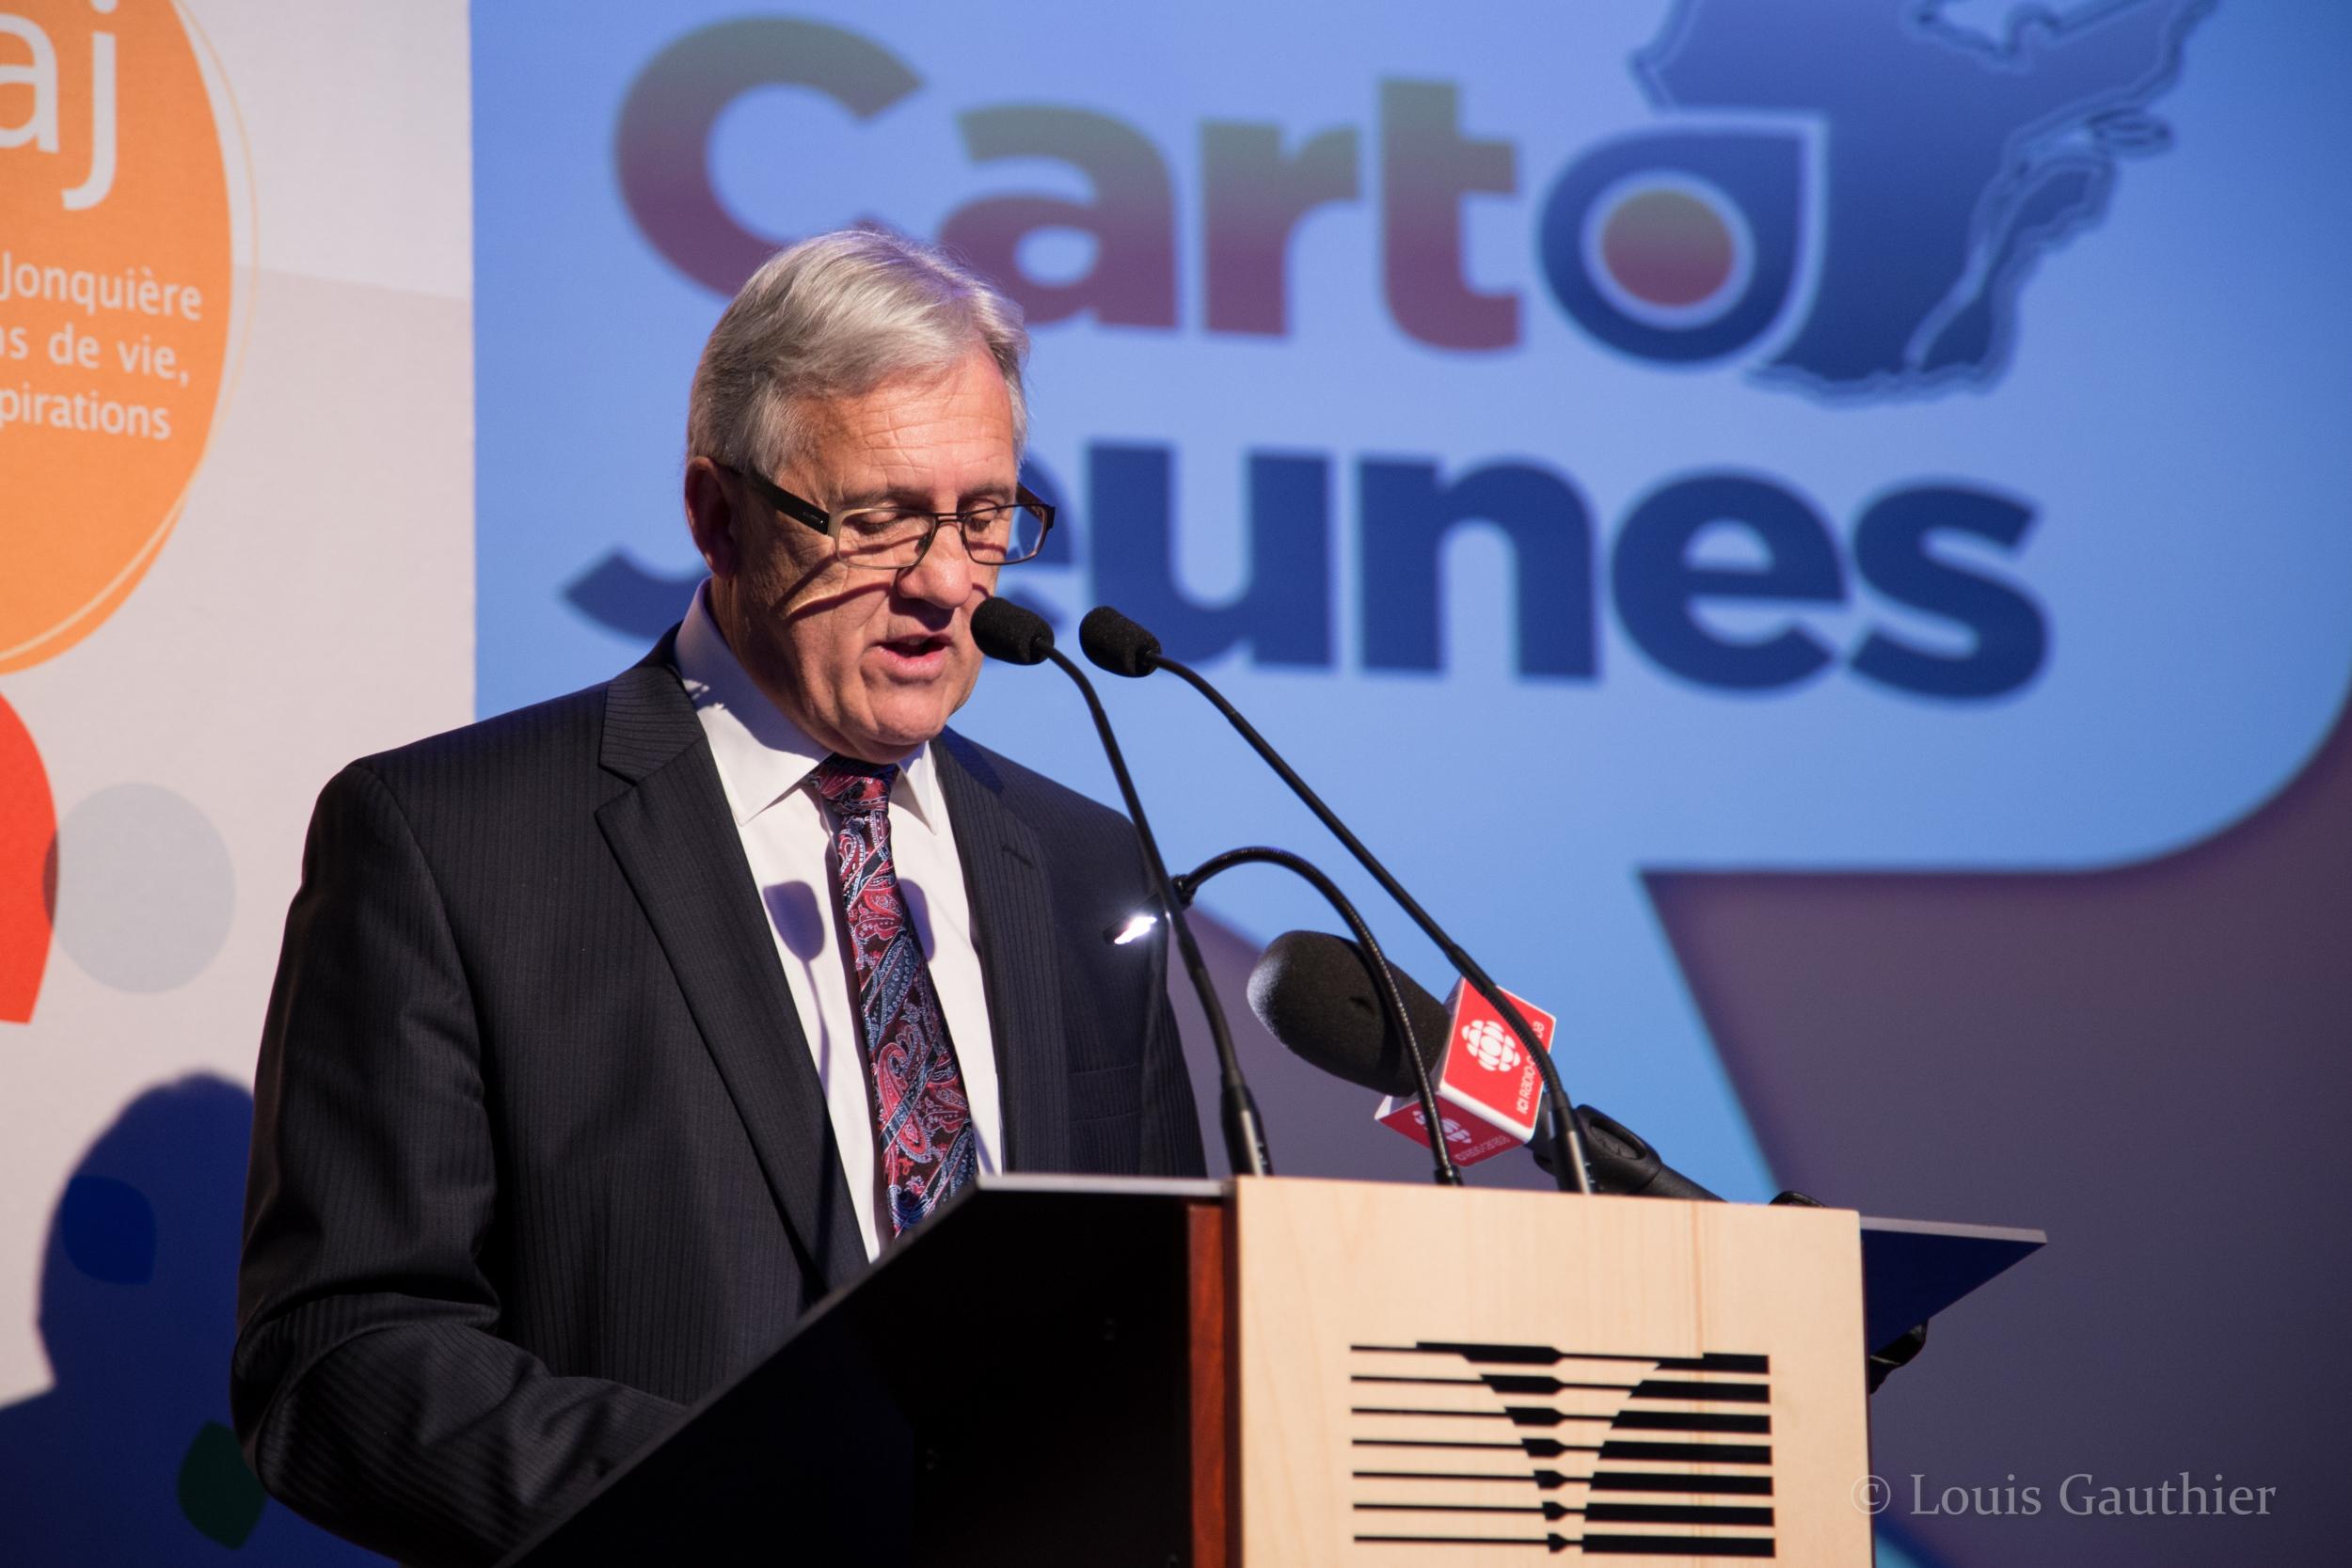 Michel Perron résume CartoJeunes en quatre questions